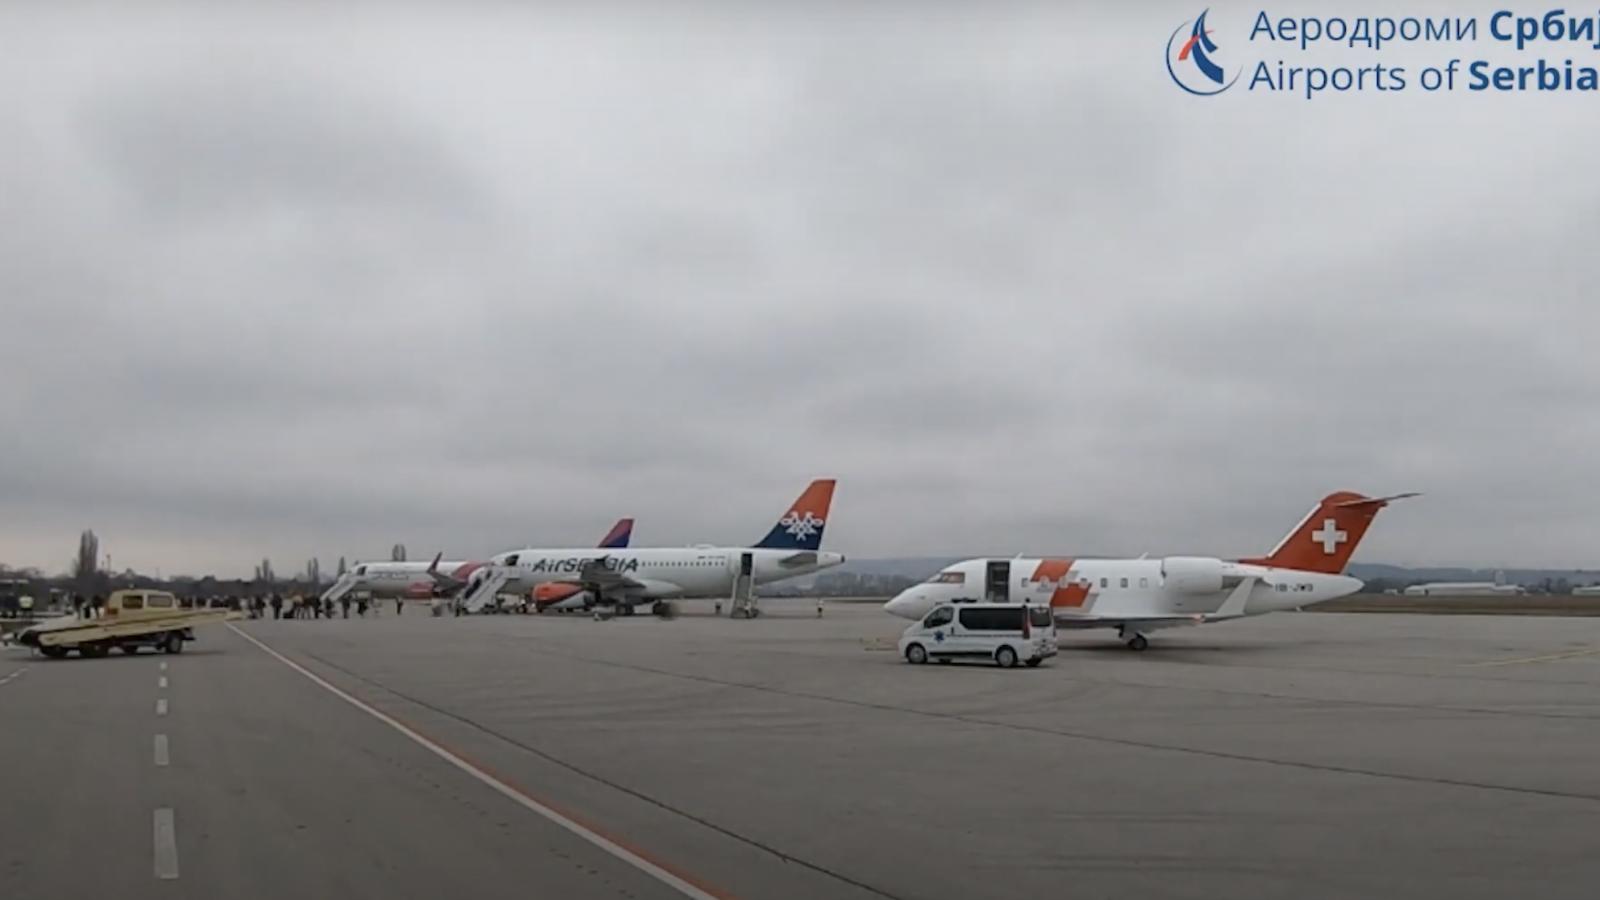 [SEAS 2021 premijera] Aerodromi Srbije uprkos Koroni nastavljaju sa realizacijom poslovnih planova